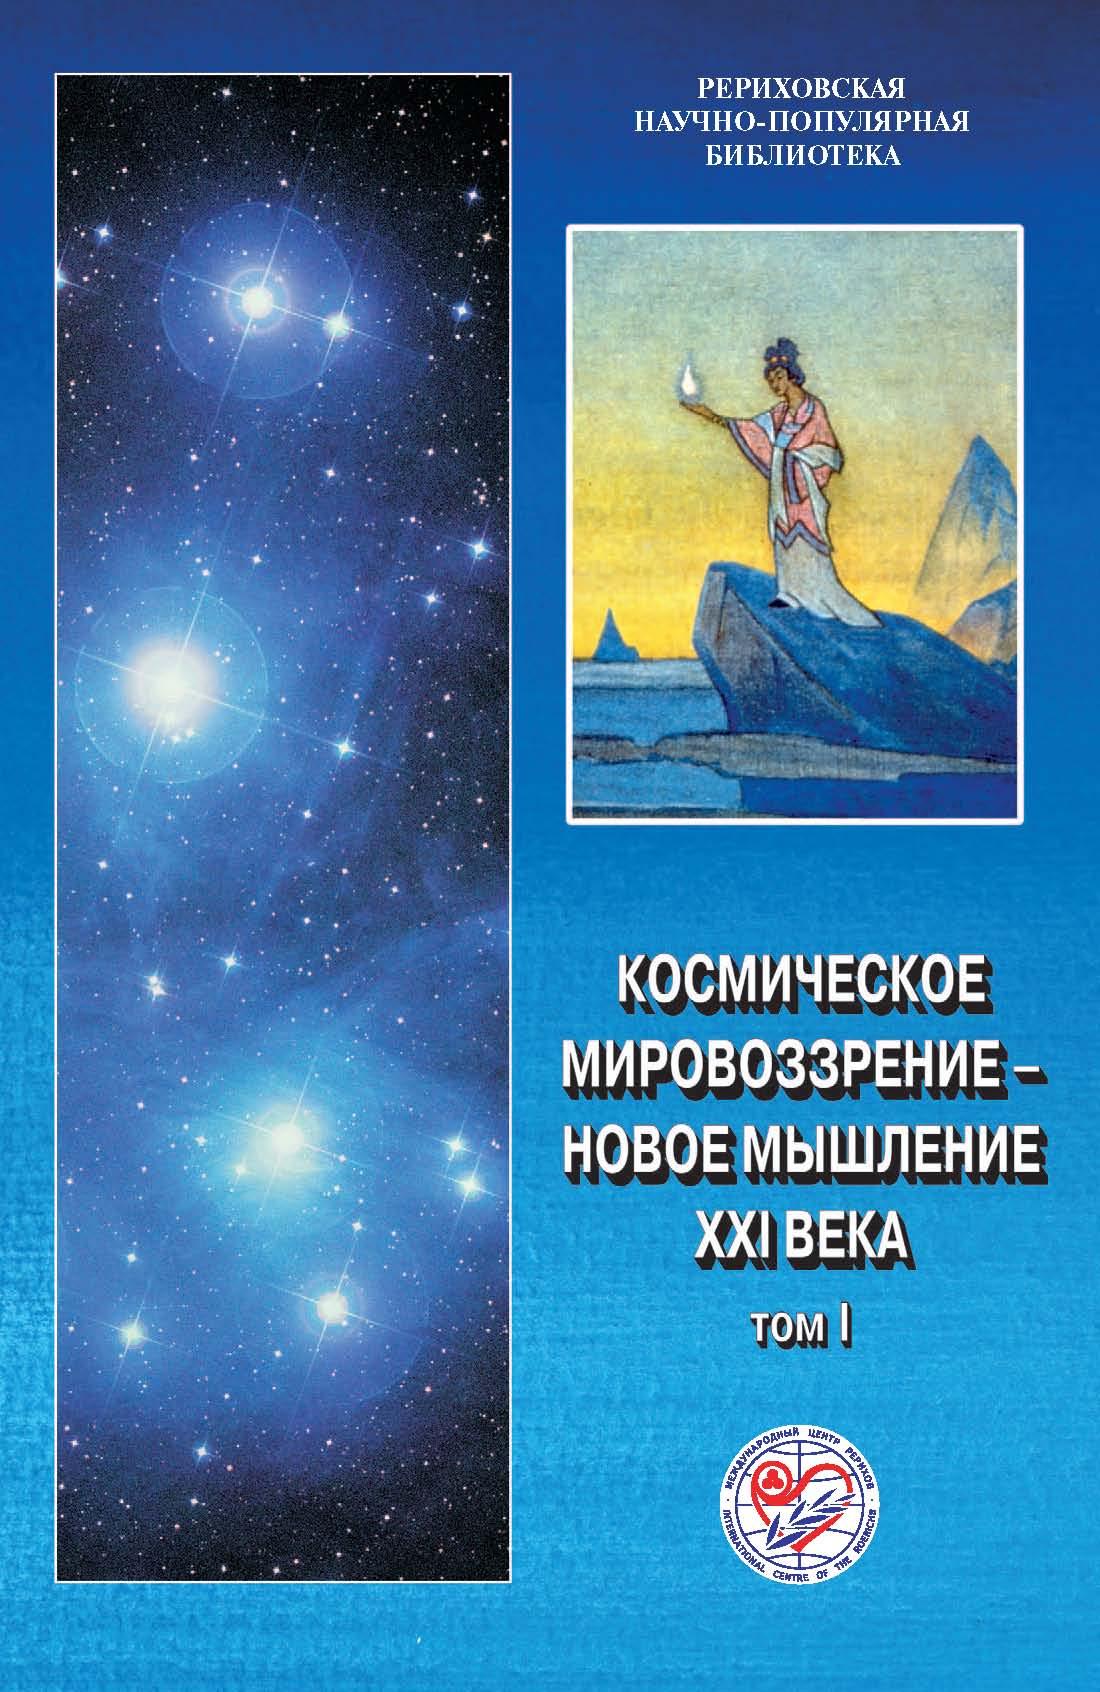 Космическое мировоззрение – новое мышление XXI века. Том 1